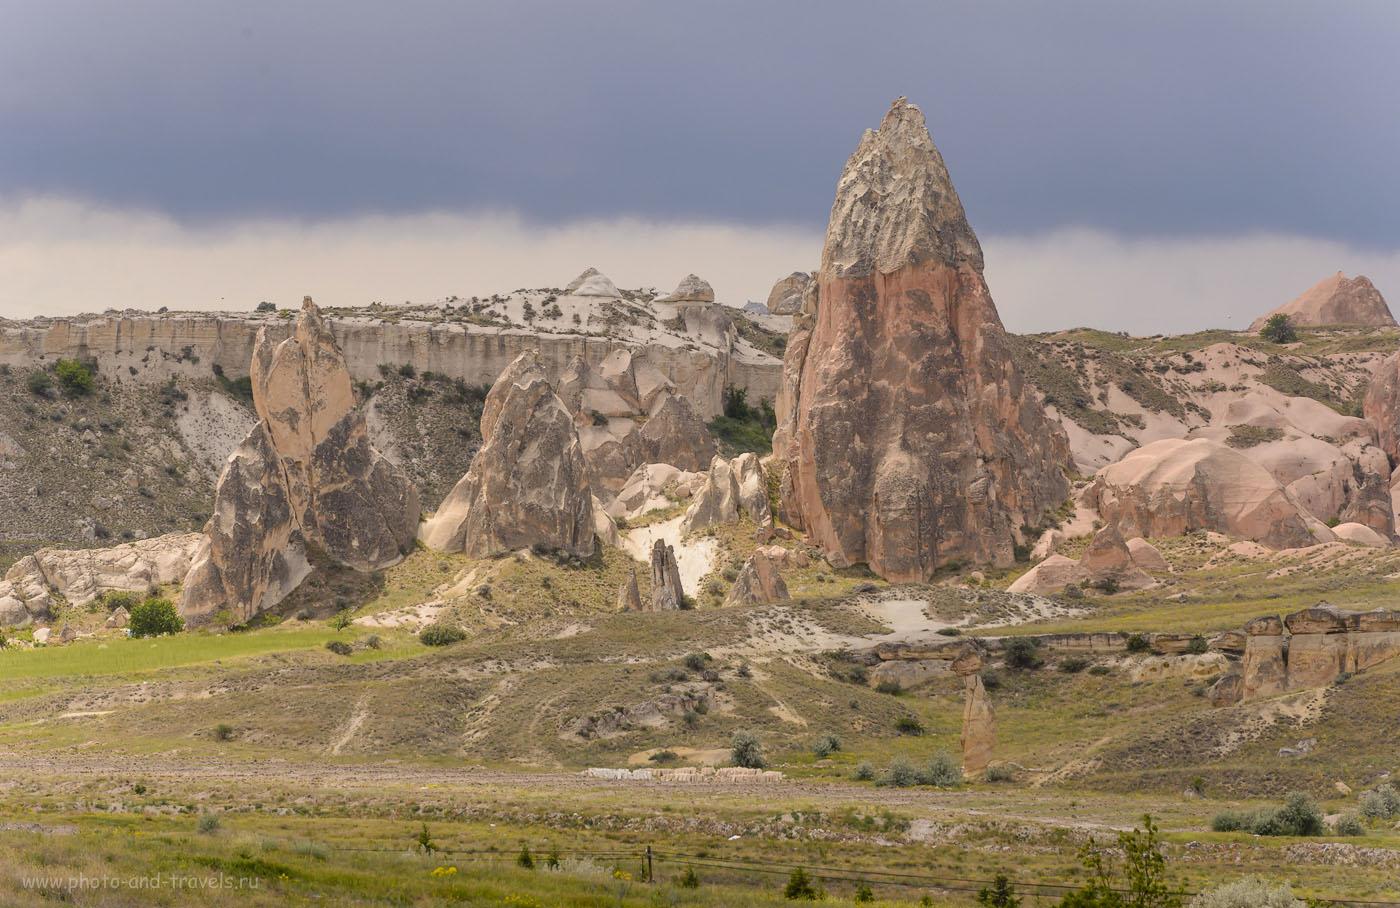 Фотография 18. Ландшафты в Каппадокии. Рассказы туристов о том, как провести отпуск в Турции дикарями. 1/250, 0.67, 8.0, 160, 200.